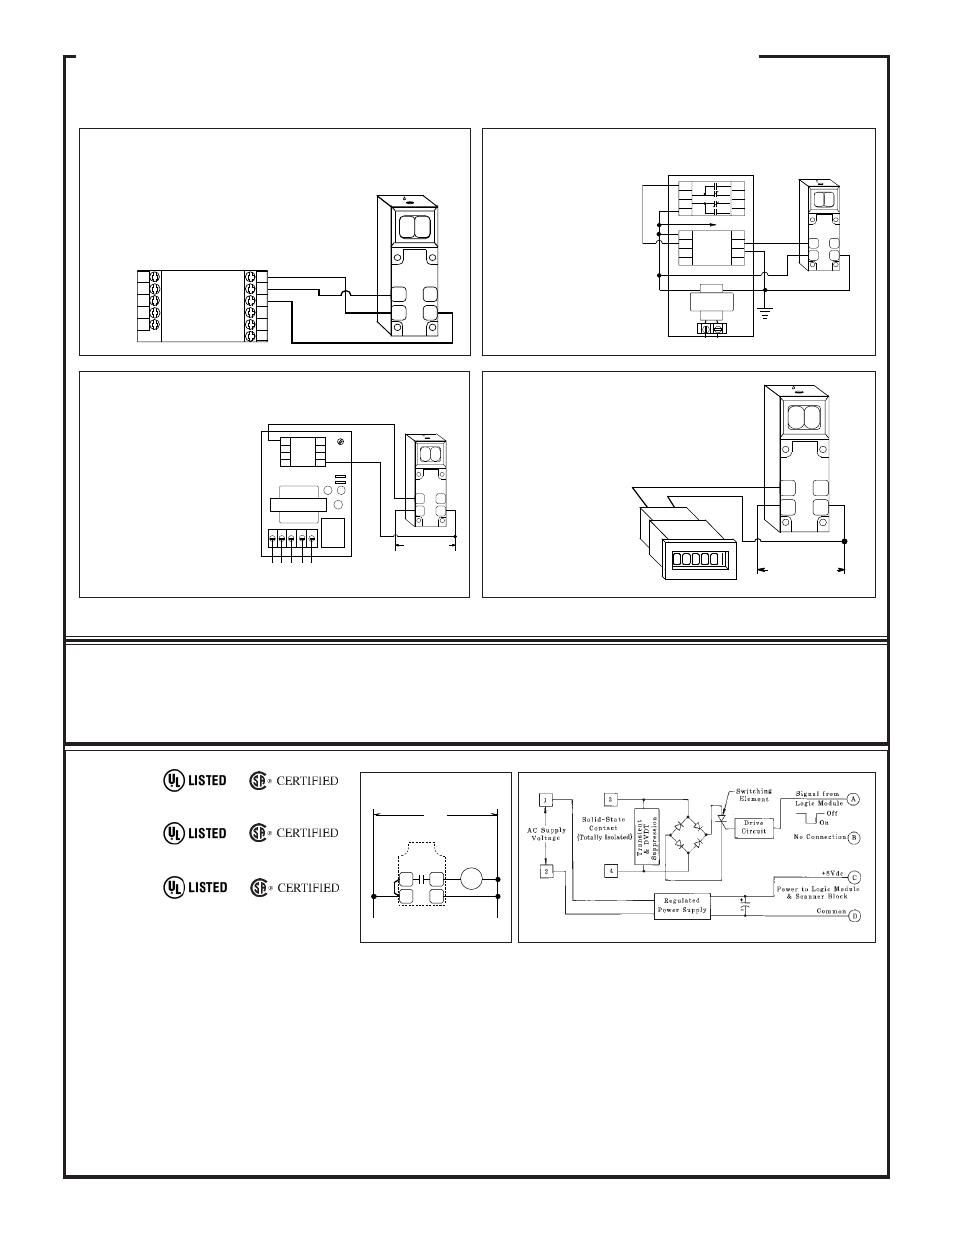 Multi-beam, & 4-wire dc power blocks, & 4-wire ac power blocks ... on ductwork schematics, generator schematics, plumbing schematics, computer schematics, amplifier schematics, electronics schematics, ford diagrams schematics, electrical schematics, wire schematics, design schematics, circuit schematics, piping schematics, transformer schematics, transmission schematics, motor schematics, ecu schematics, engineering schematics, tube amp schematics, engine schematics, ignition schematics,